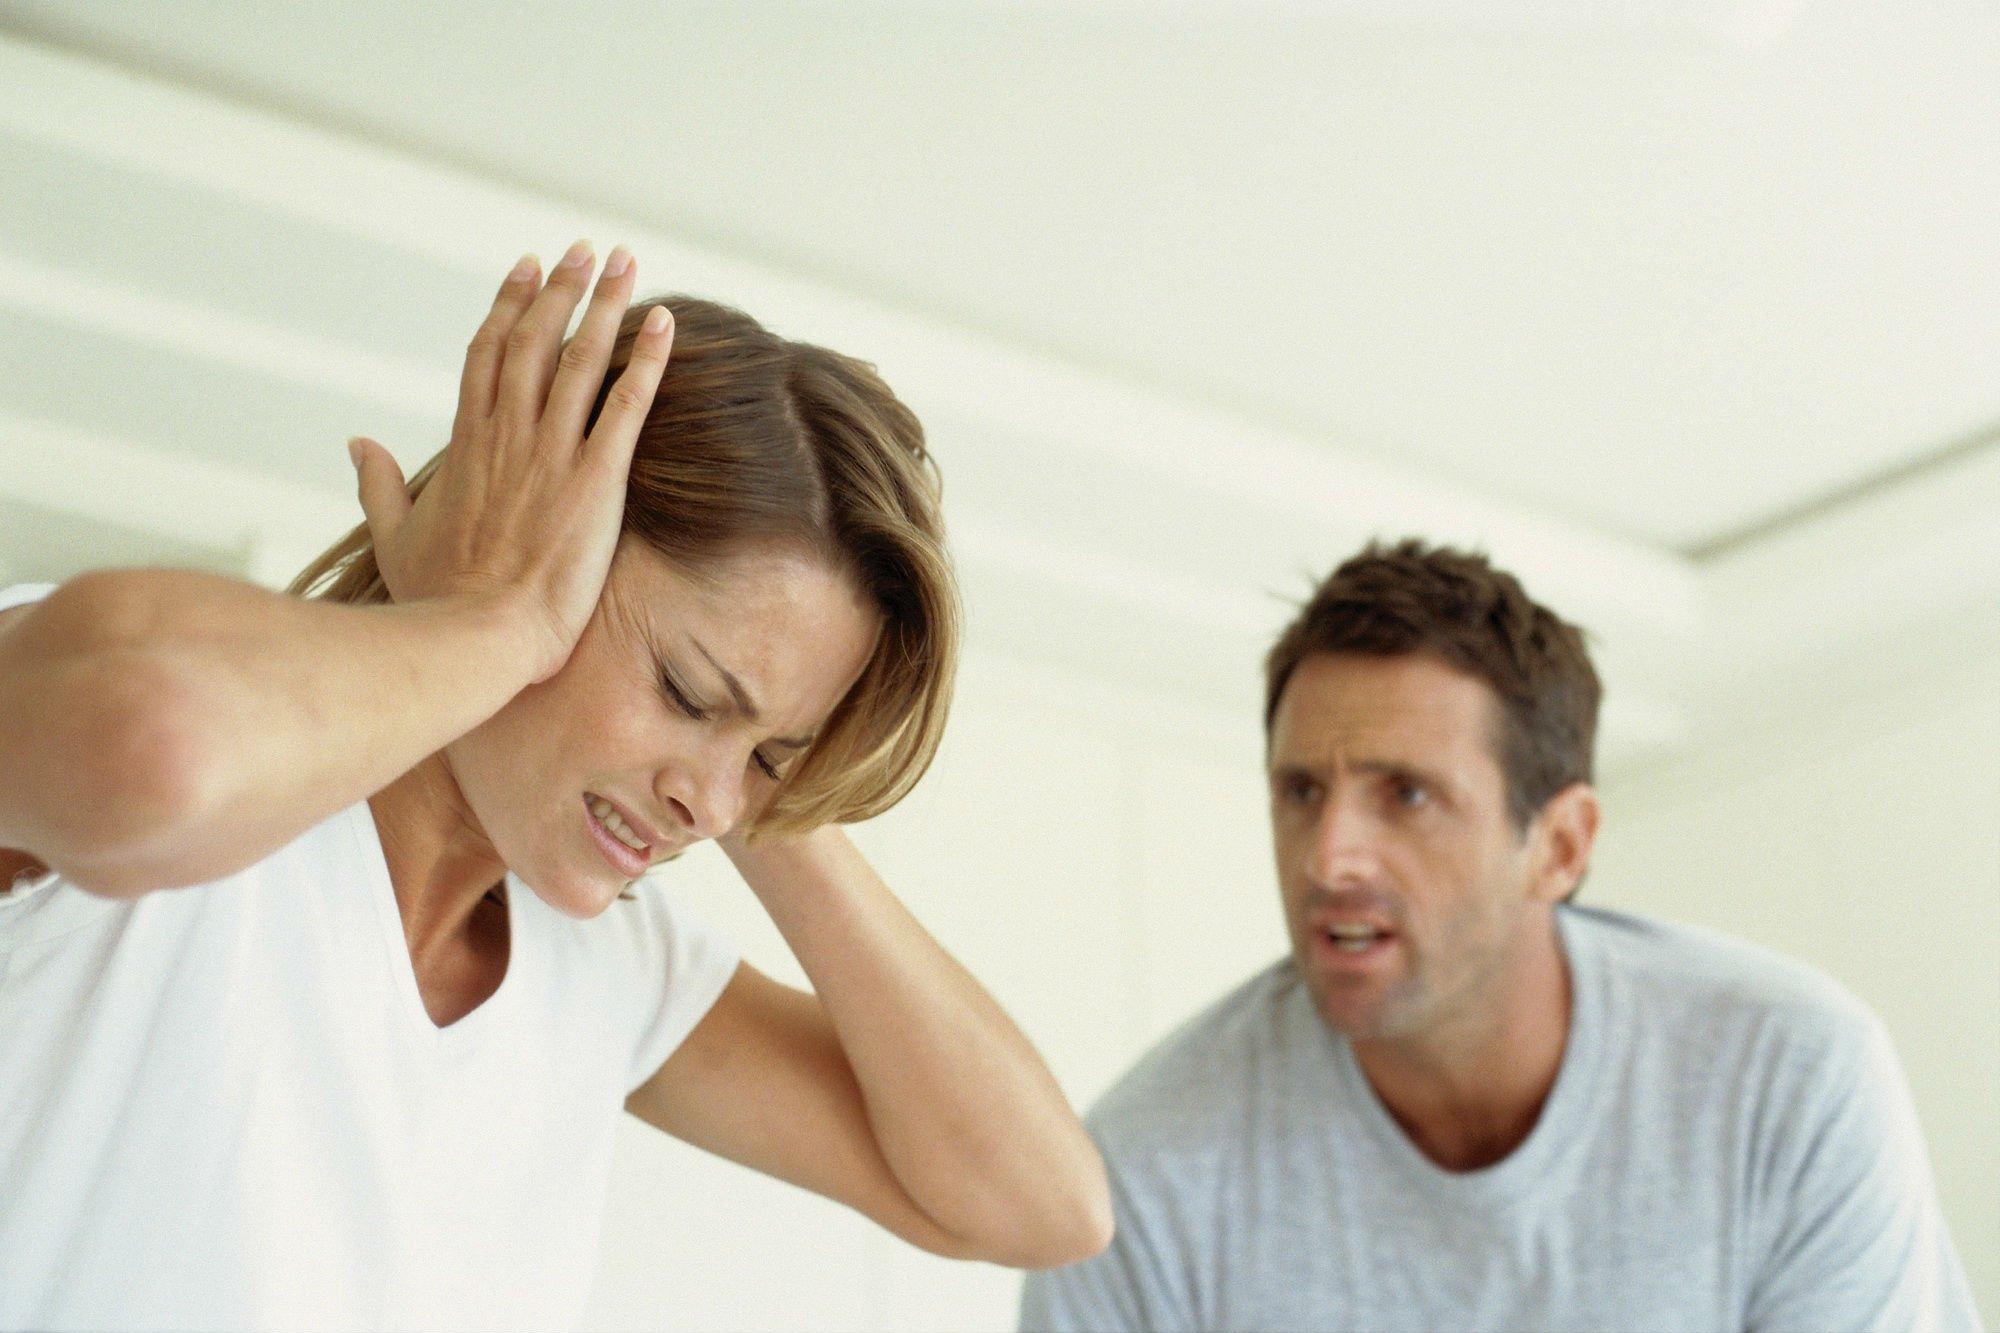 можно накинуть картинки про конфликты между мужем и женой рактически каждом предмете